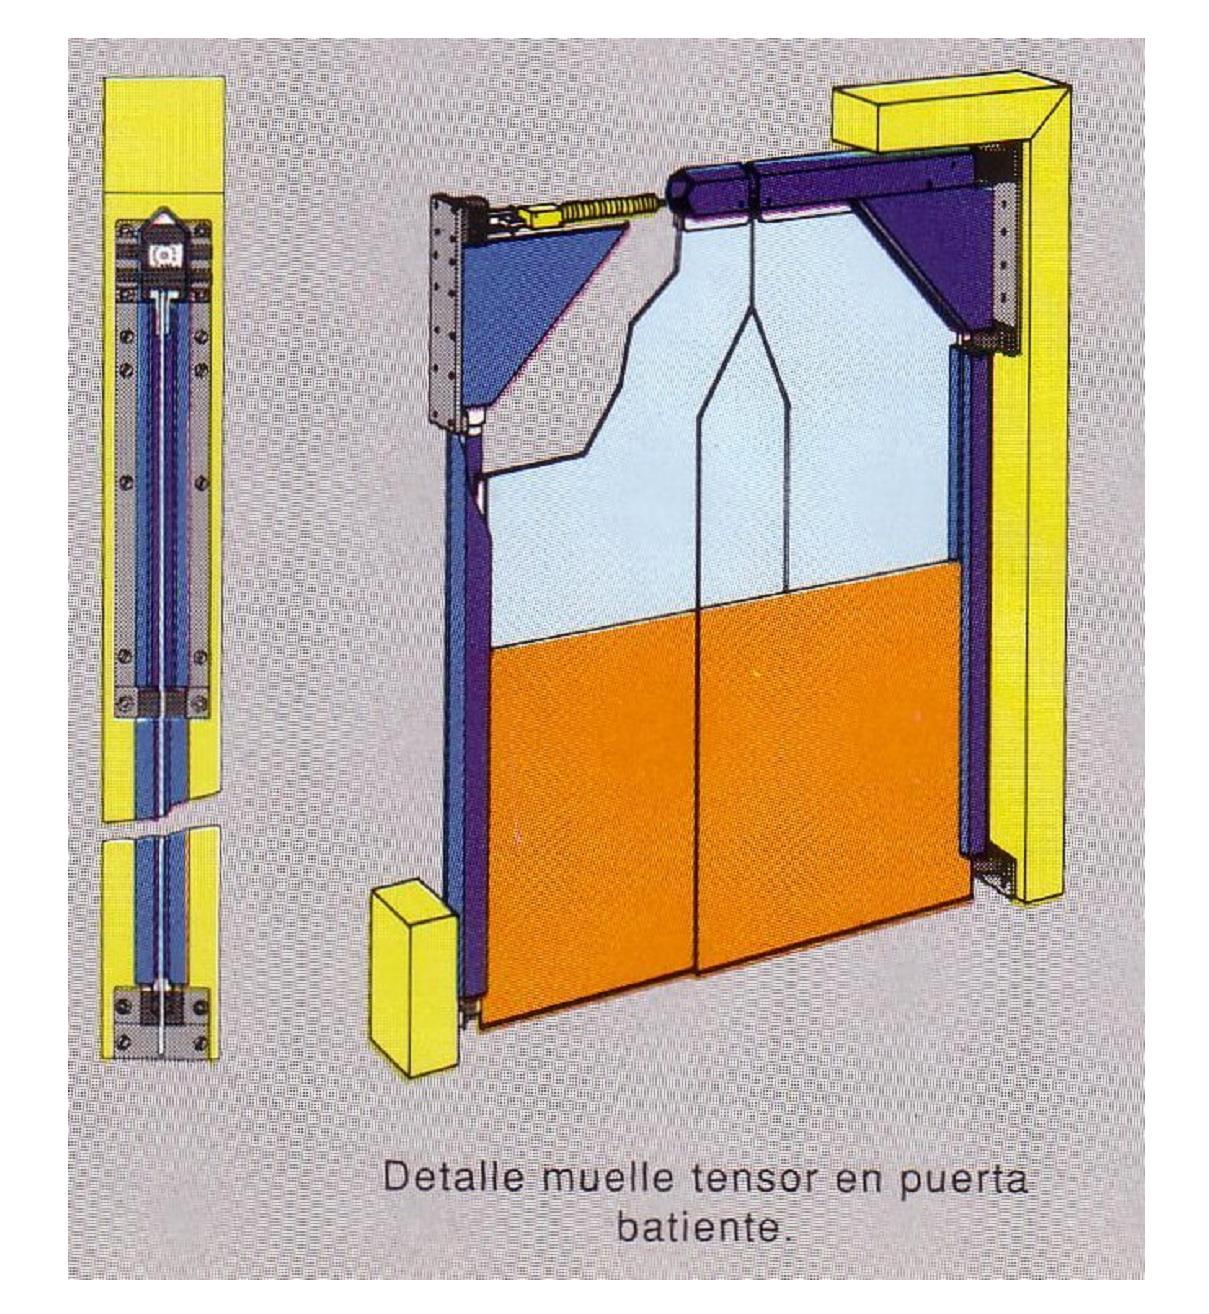 puertas batientes pvc flexibles para grandes superficies